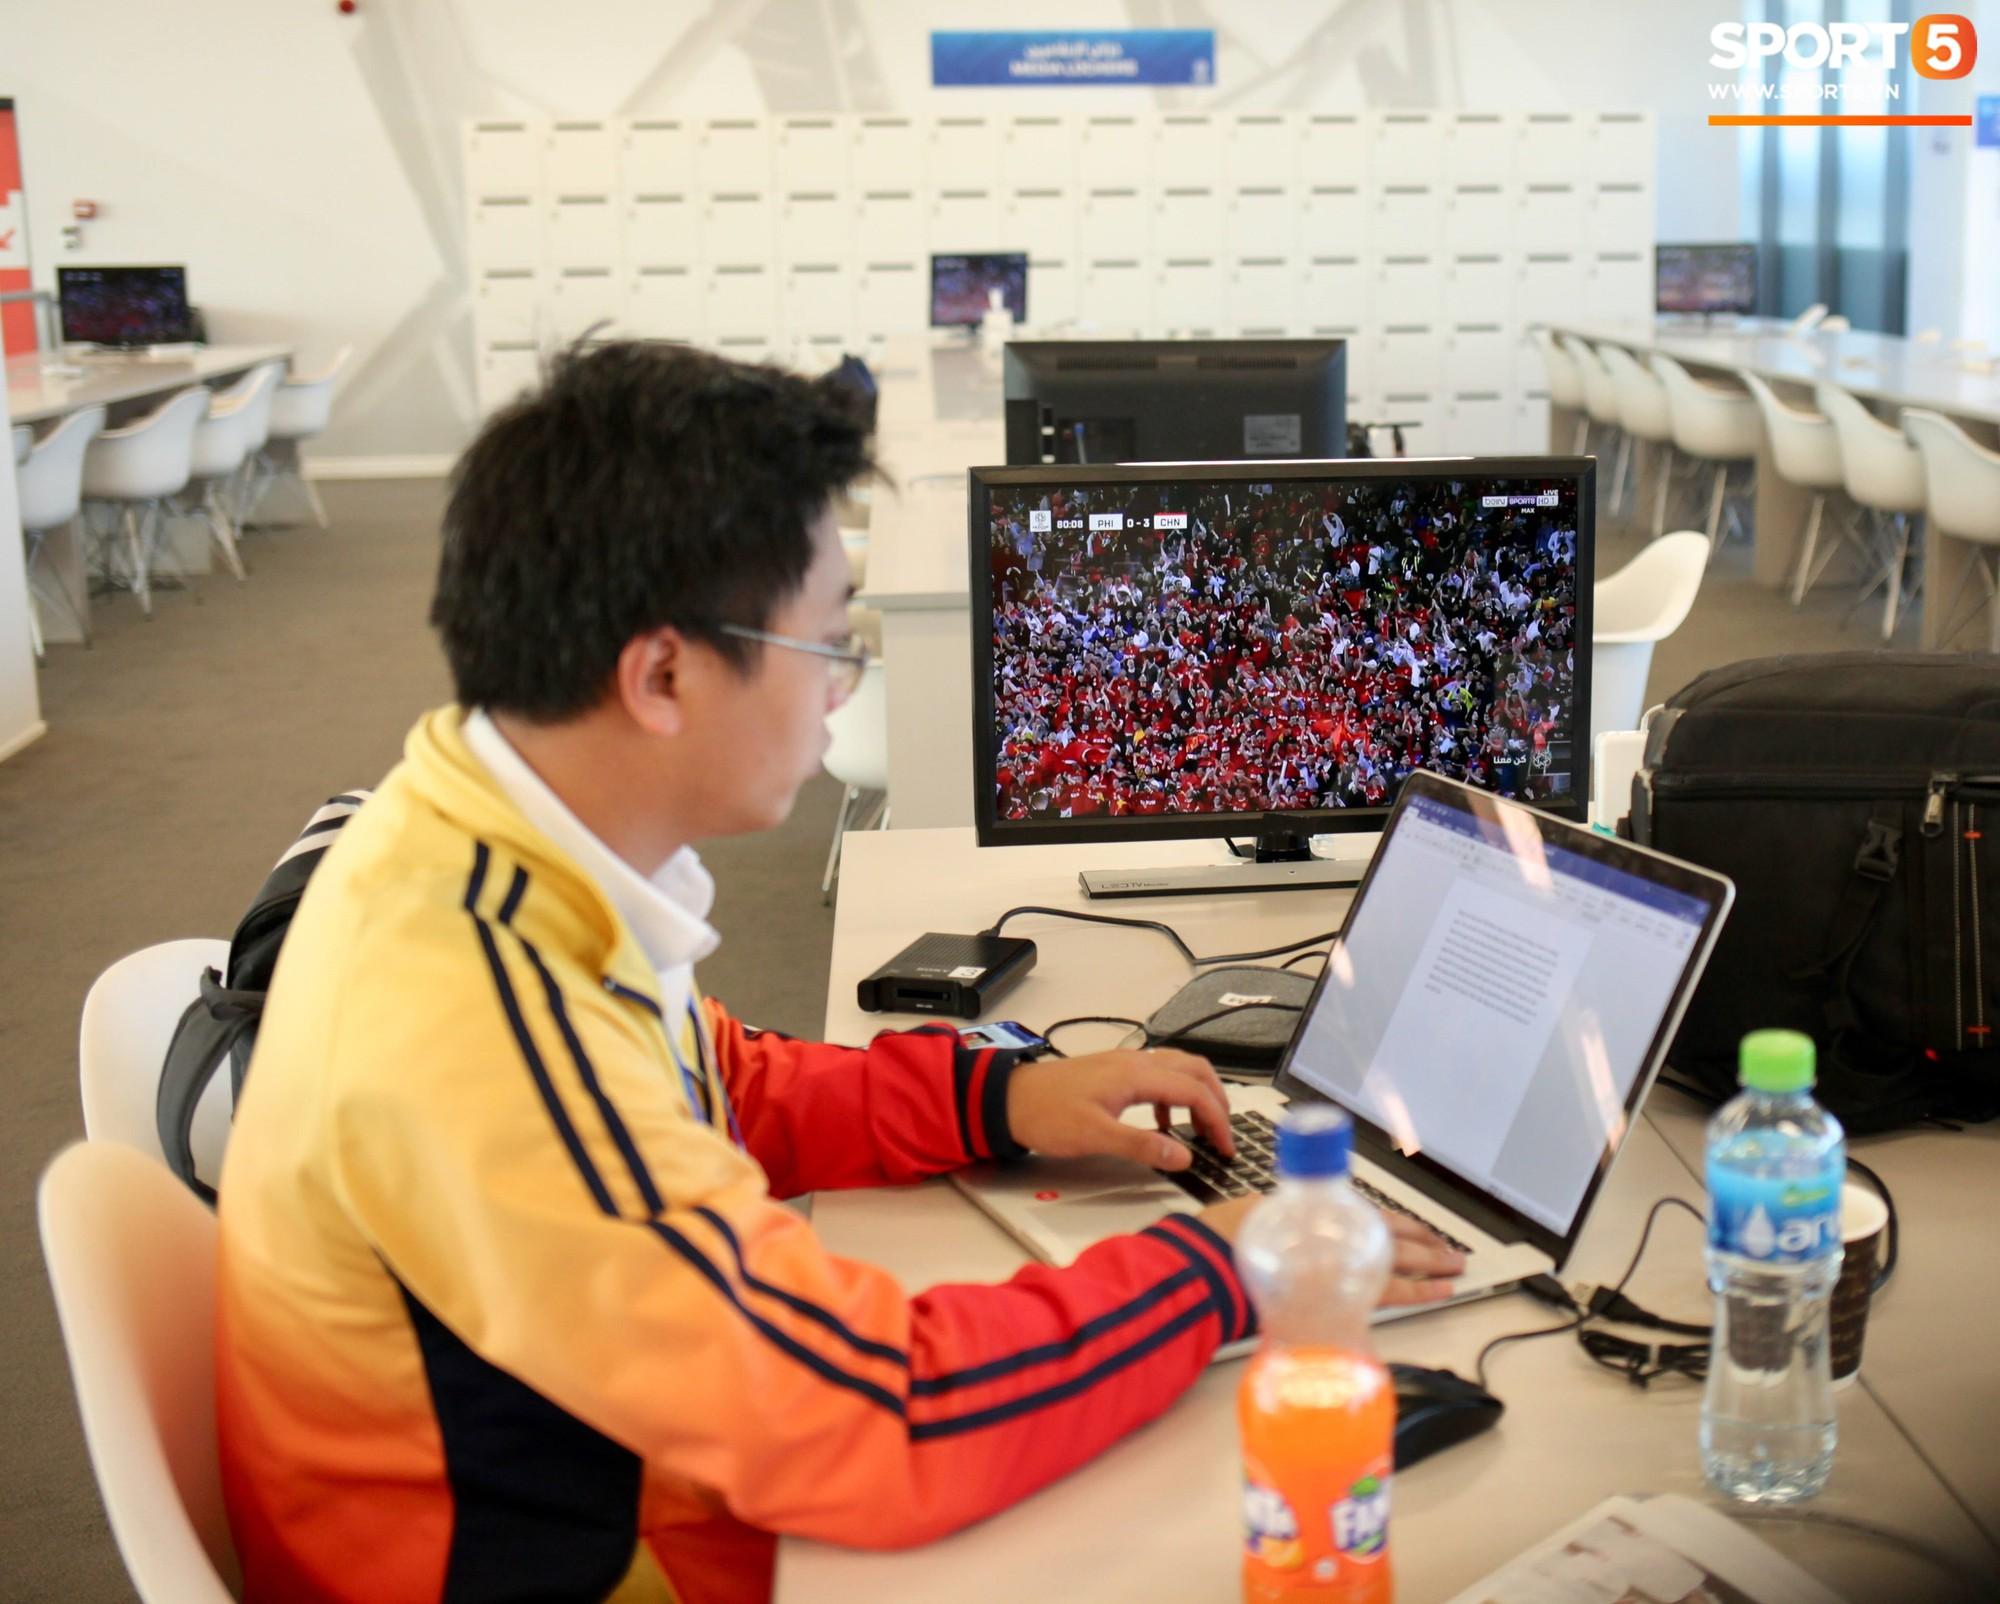 Chủ nhà UAE thể hiện chăm sóc phóng viên đến tận răng trong quá trình tác nghiệp tại Asian Cup 2019-2